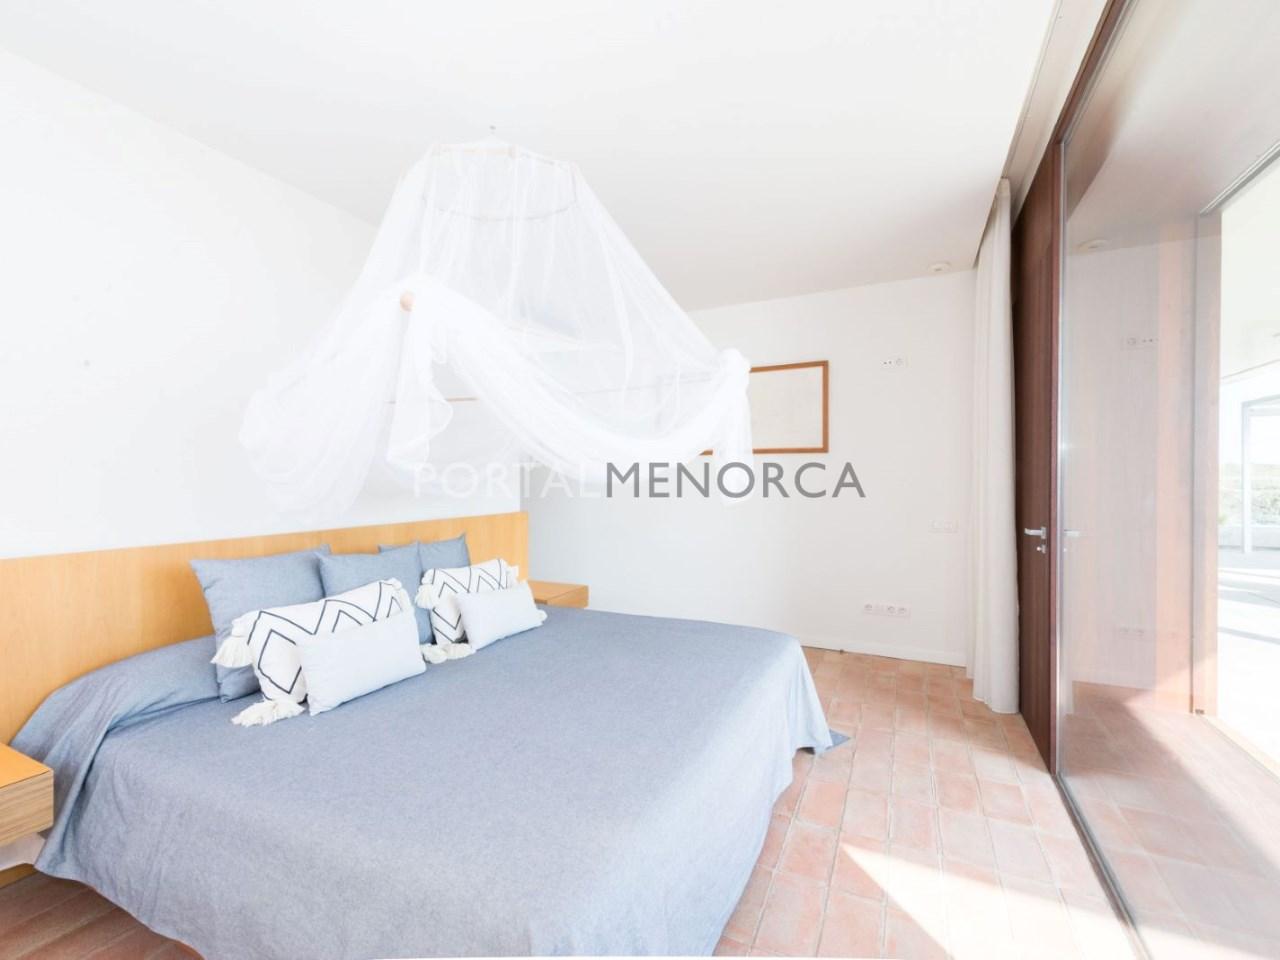 casa-venta-lujo-puerto-mahon-menorca (1)